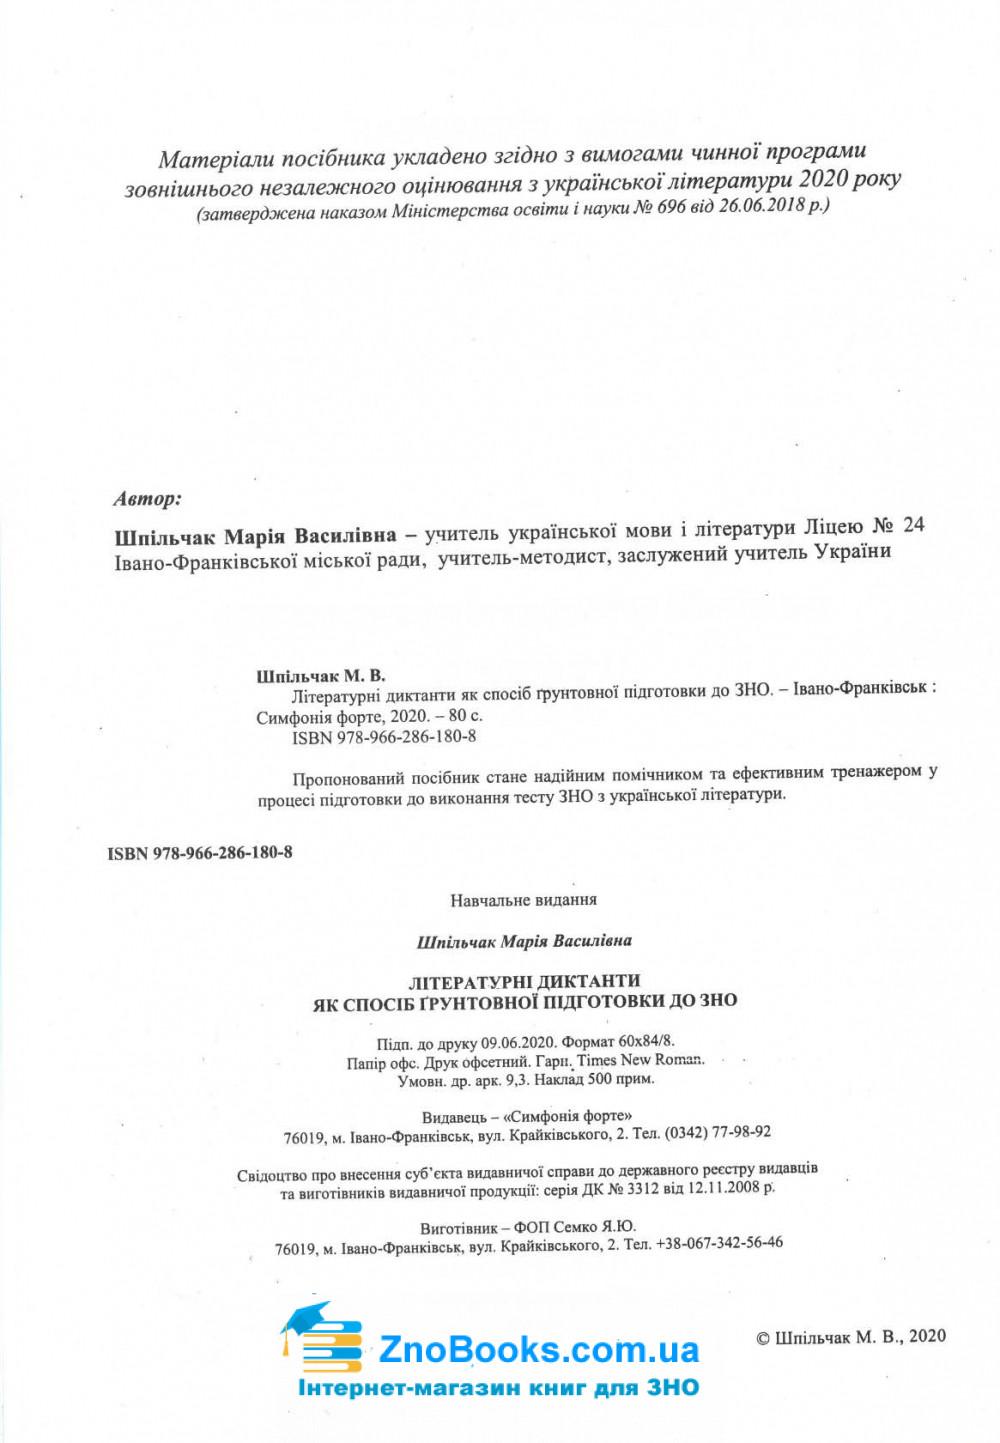 Літературні диктанти як спосіб грунтовної підготовки до ЗНО з української літератури : Шпільчак М. купити 2